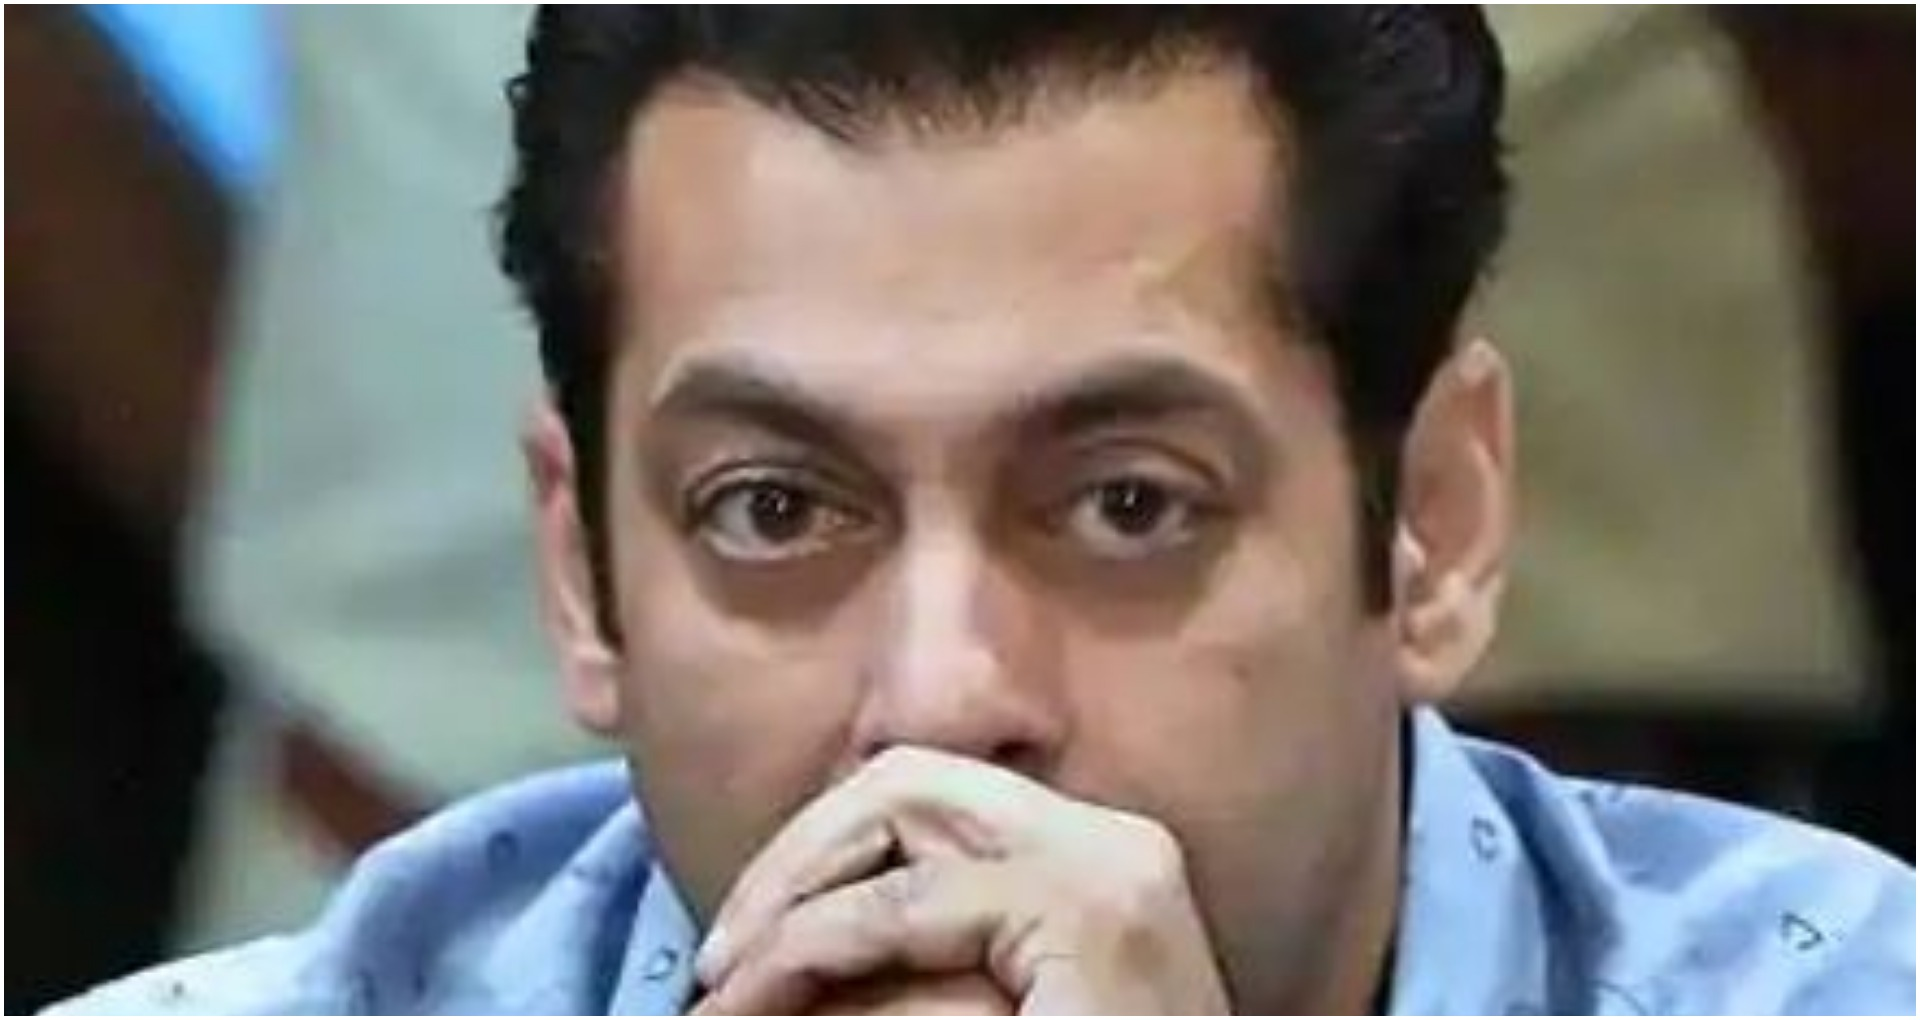 सलमान खान के भतीजे अब्दुल्लाह खान का मुंबई में निधन, शोक में डूबा पूरा परिवार